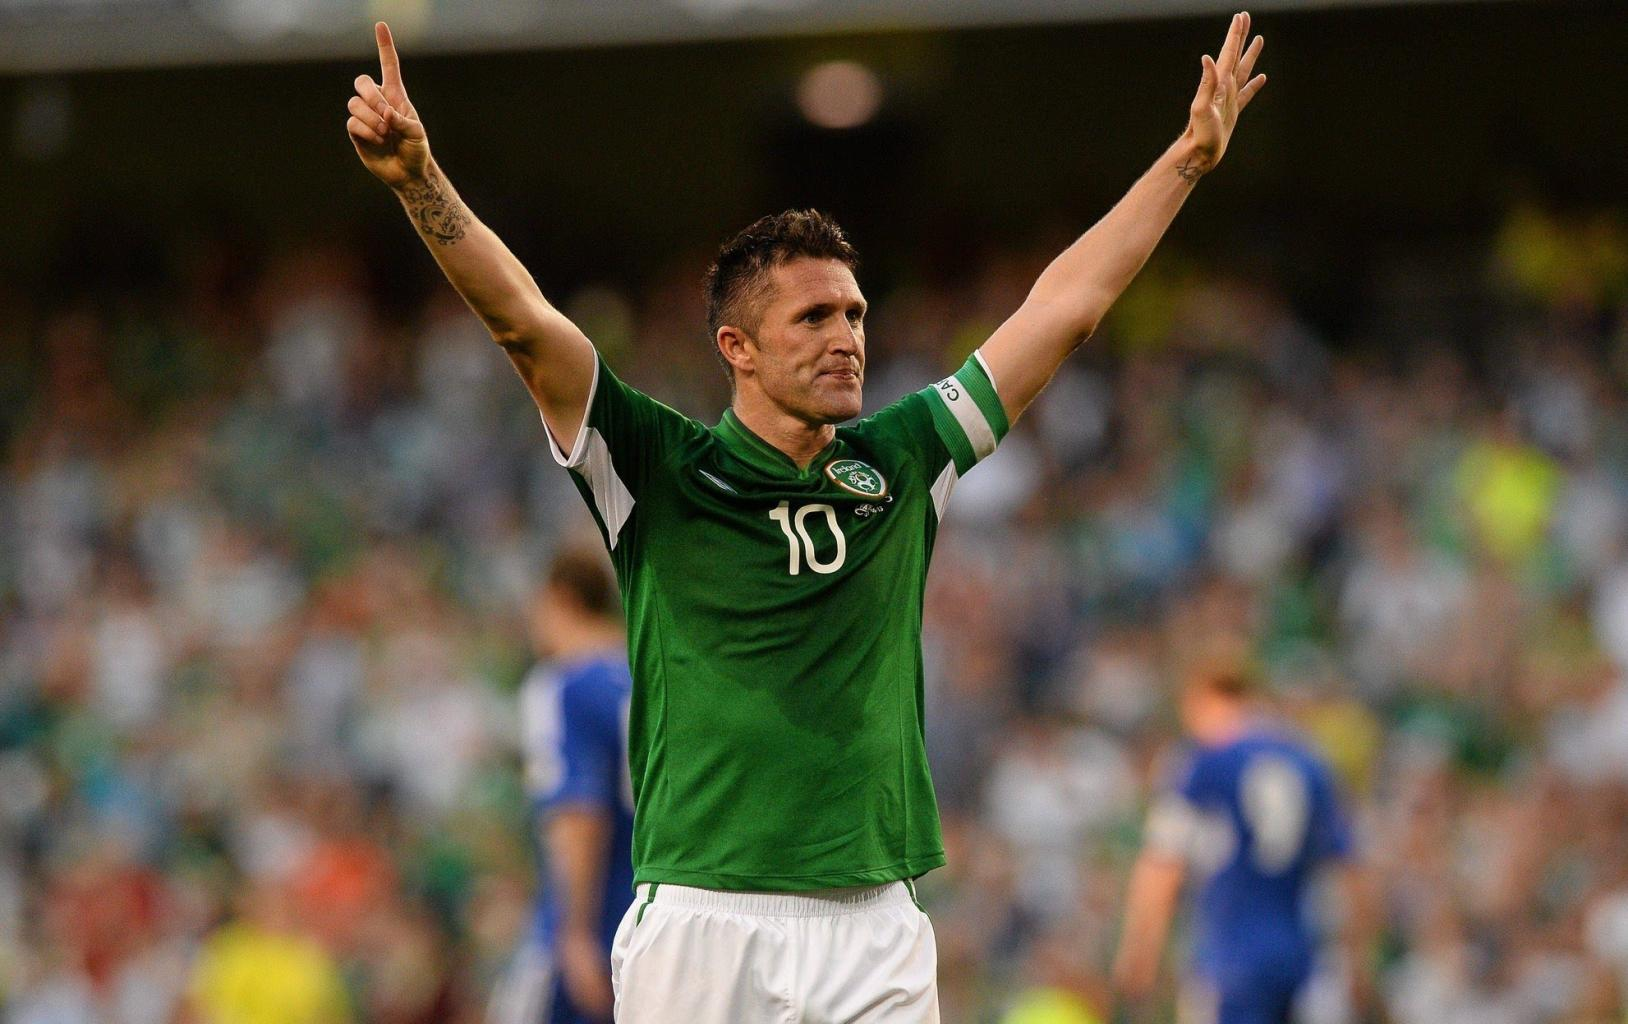 Robbie Keane - IRELAND GOALS   Tribute - YouTube